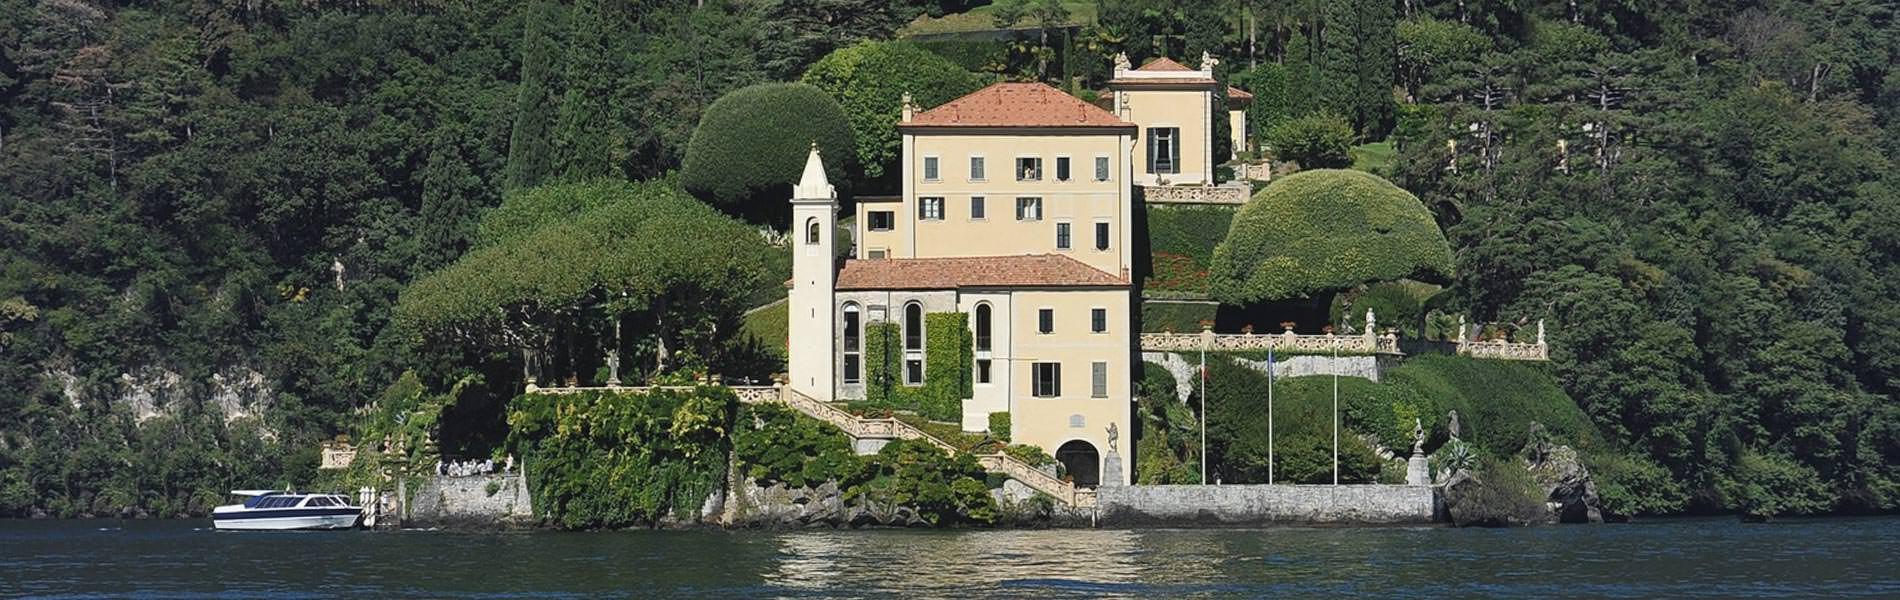 selezioniamo-le-ste-piu-interessanti-per-investire-in-Italia1